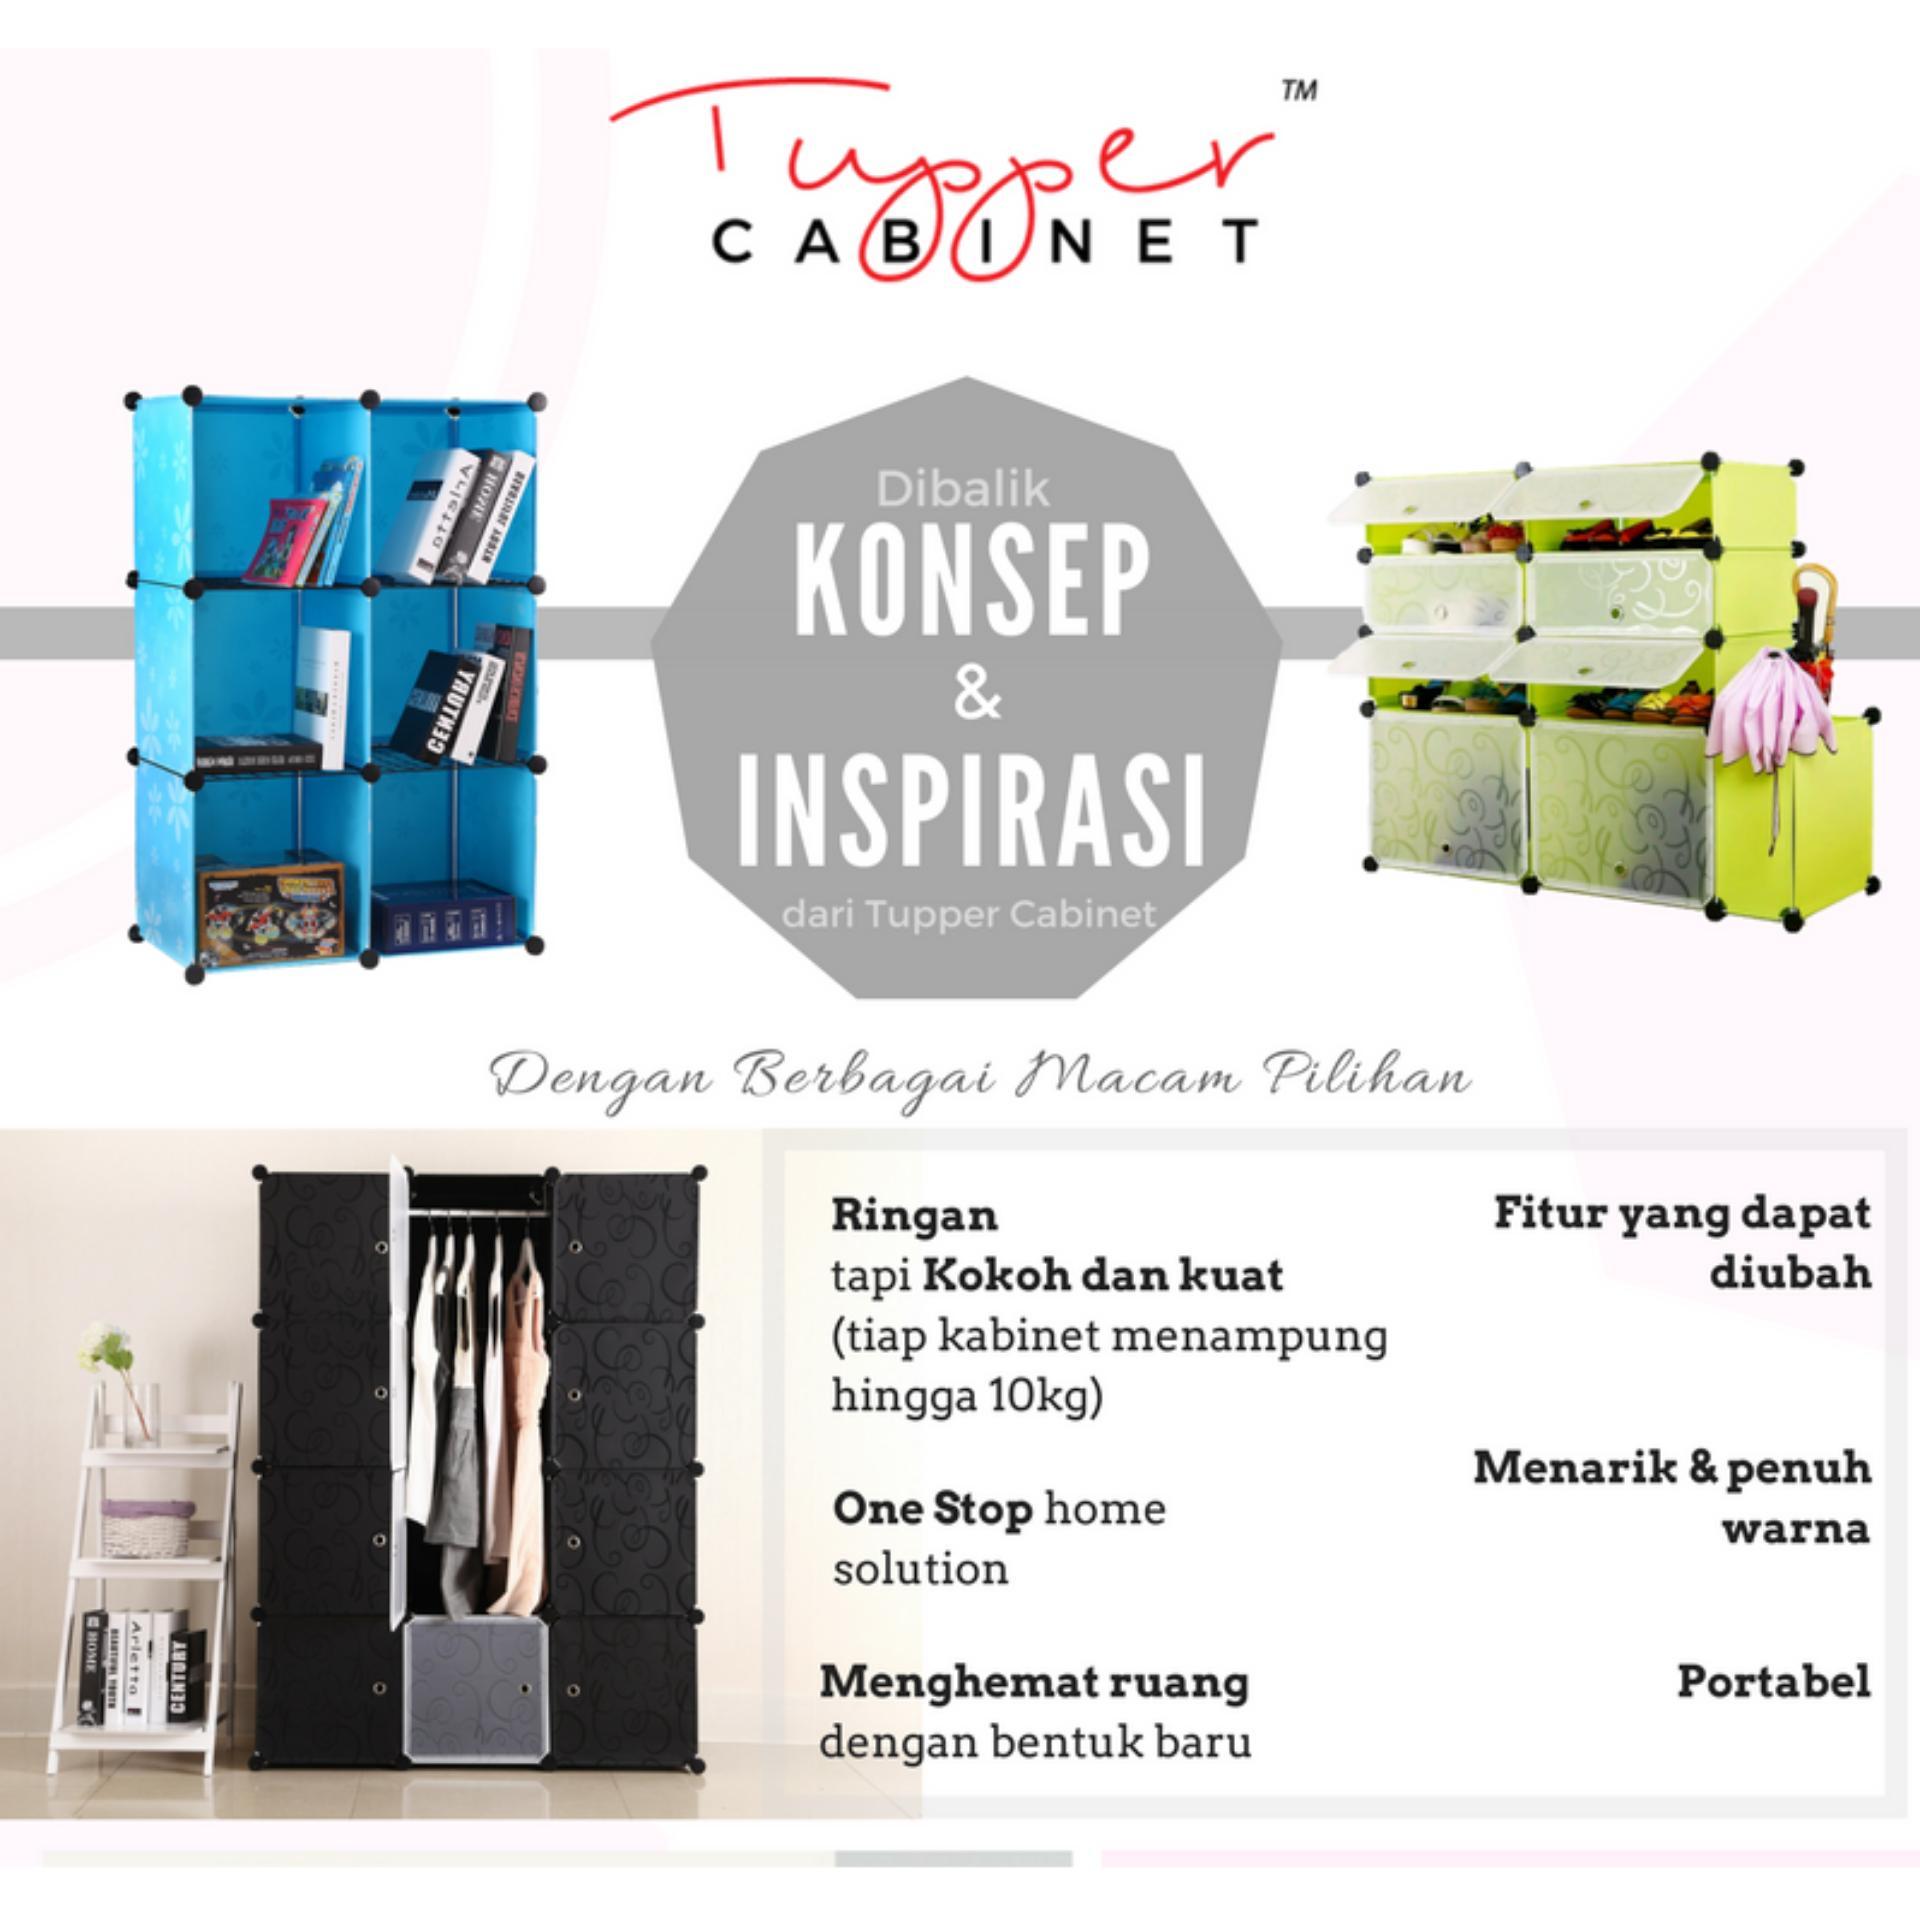 [Original] Tupper Cabinet DIY 12 Pintu Lemari Modern Korean Desain - Elegant Black - 4